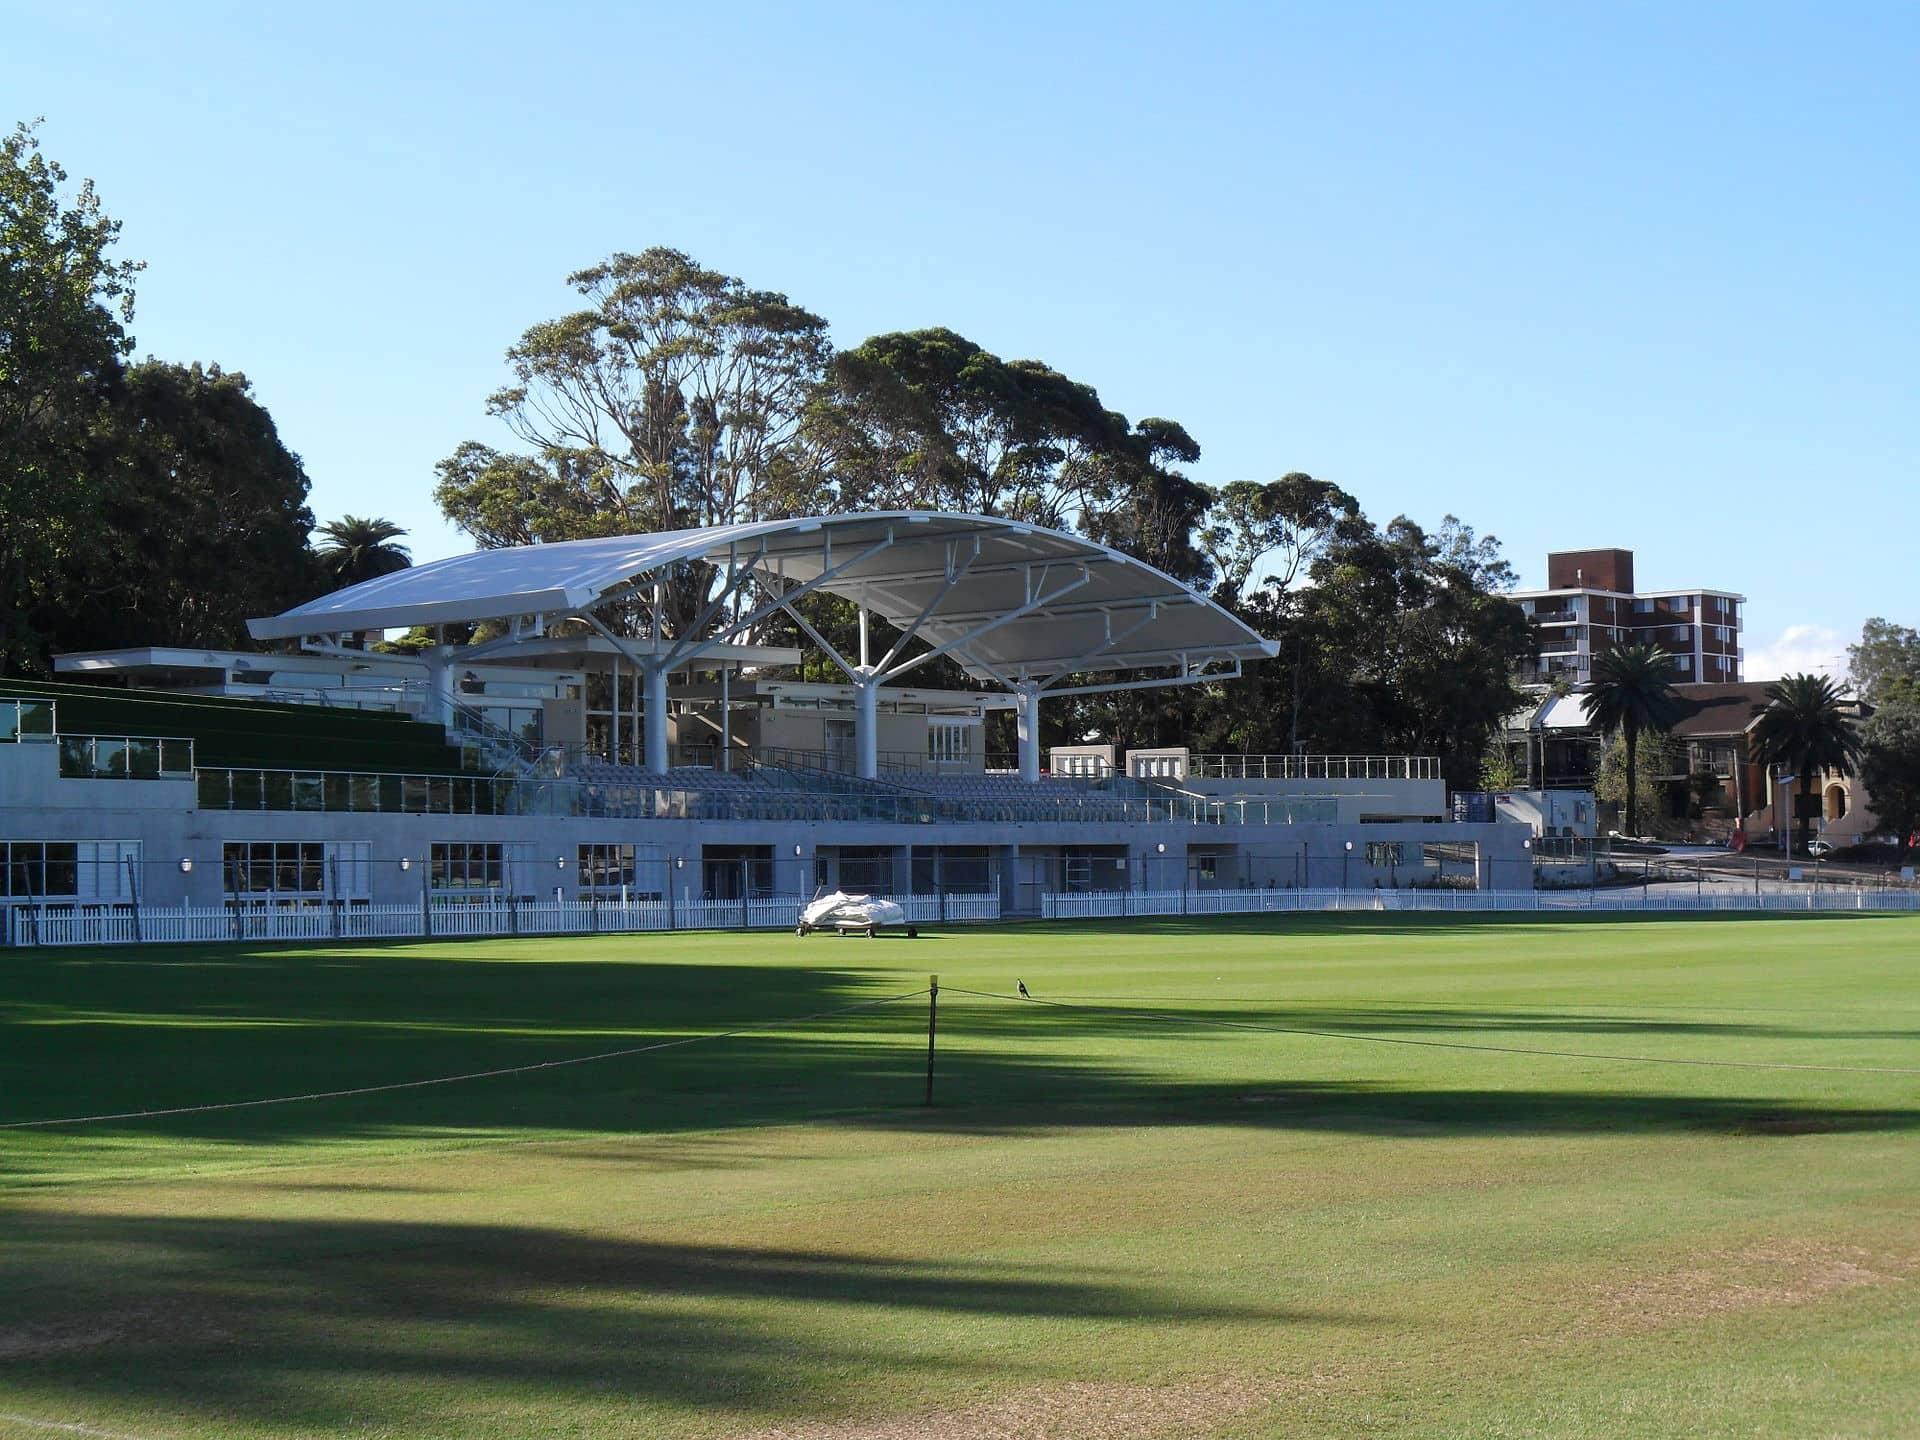 Waverley Oval, Waverley NSW